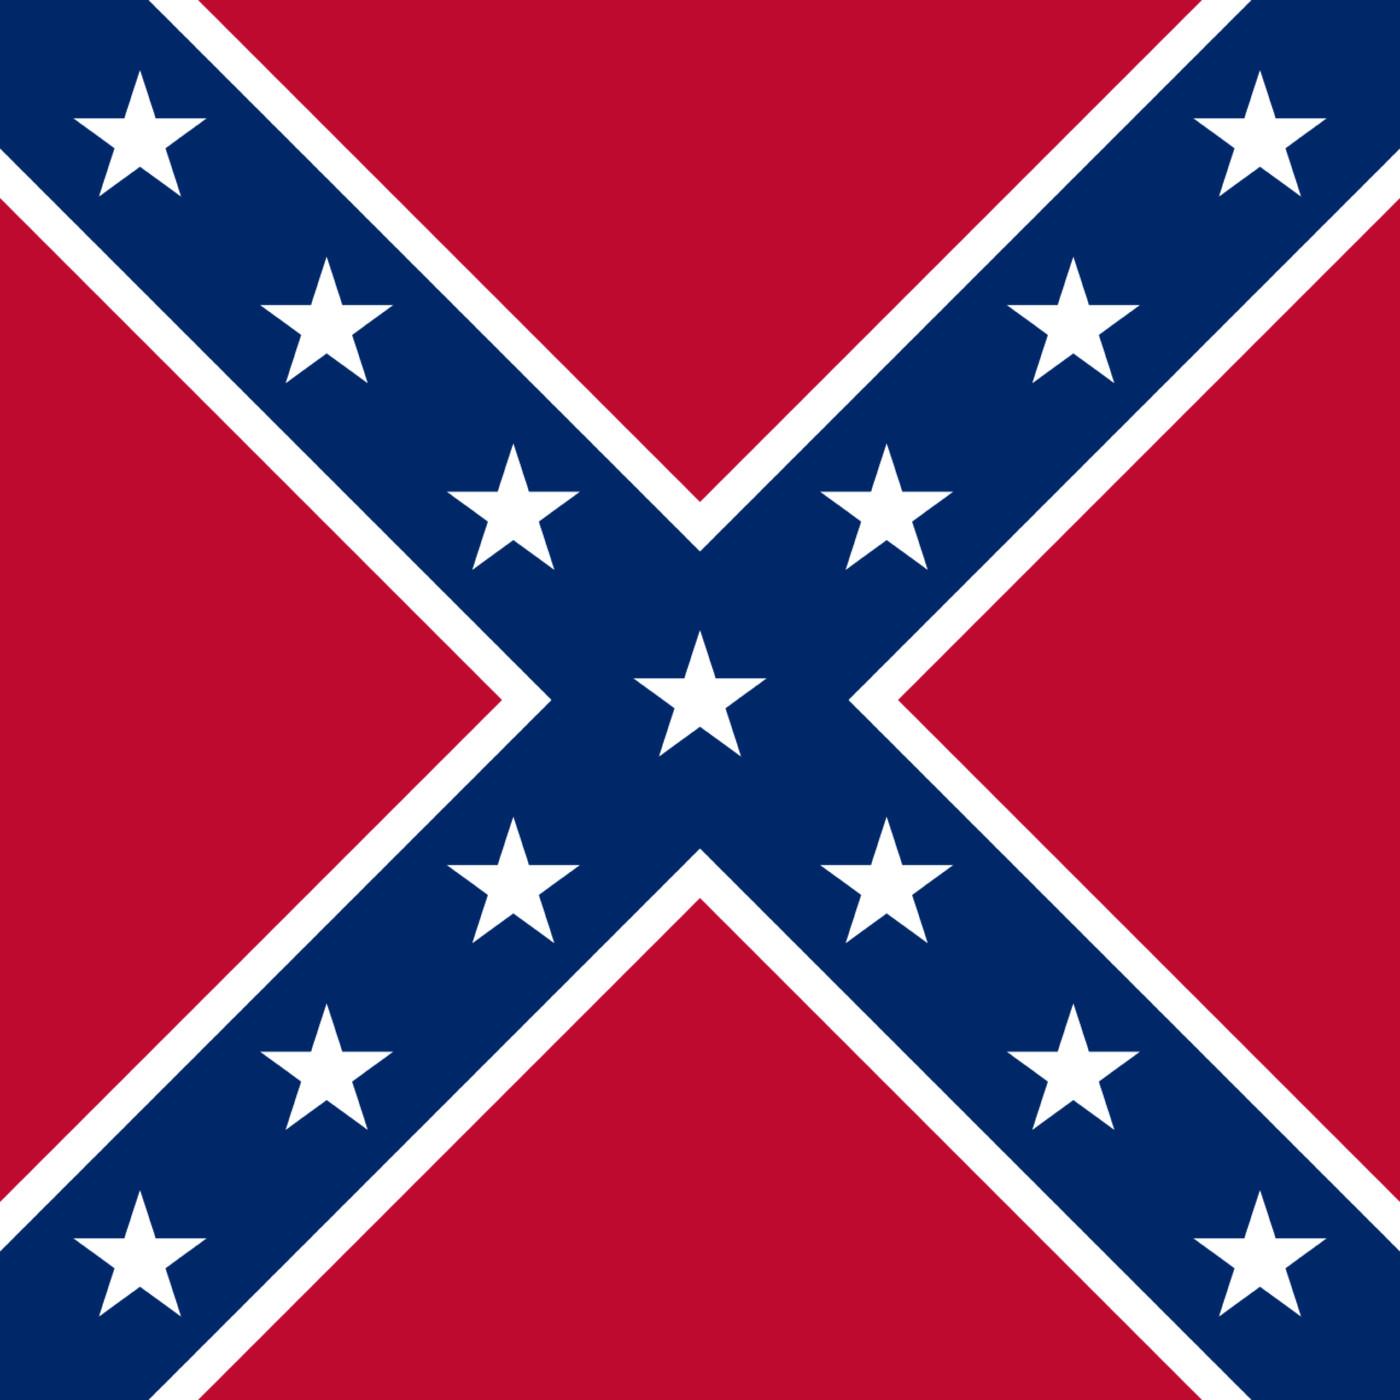 """Warum streitet die USA über die """"Konföderiertenflagge""""?"""